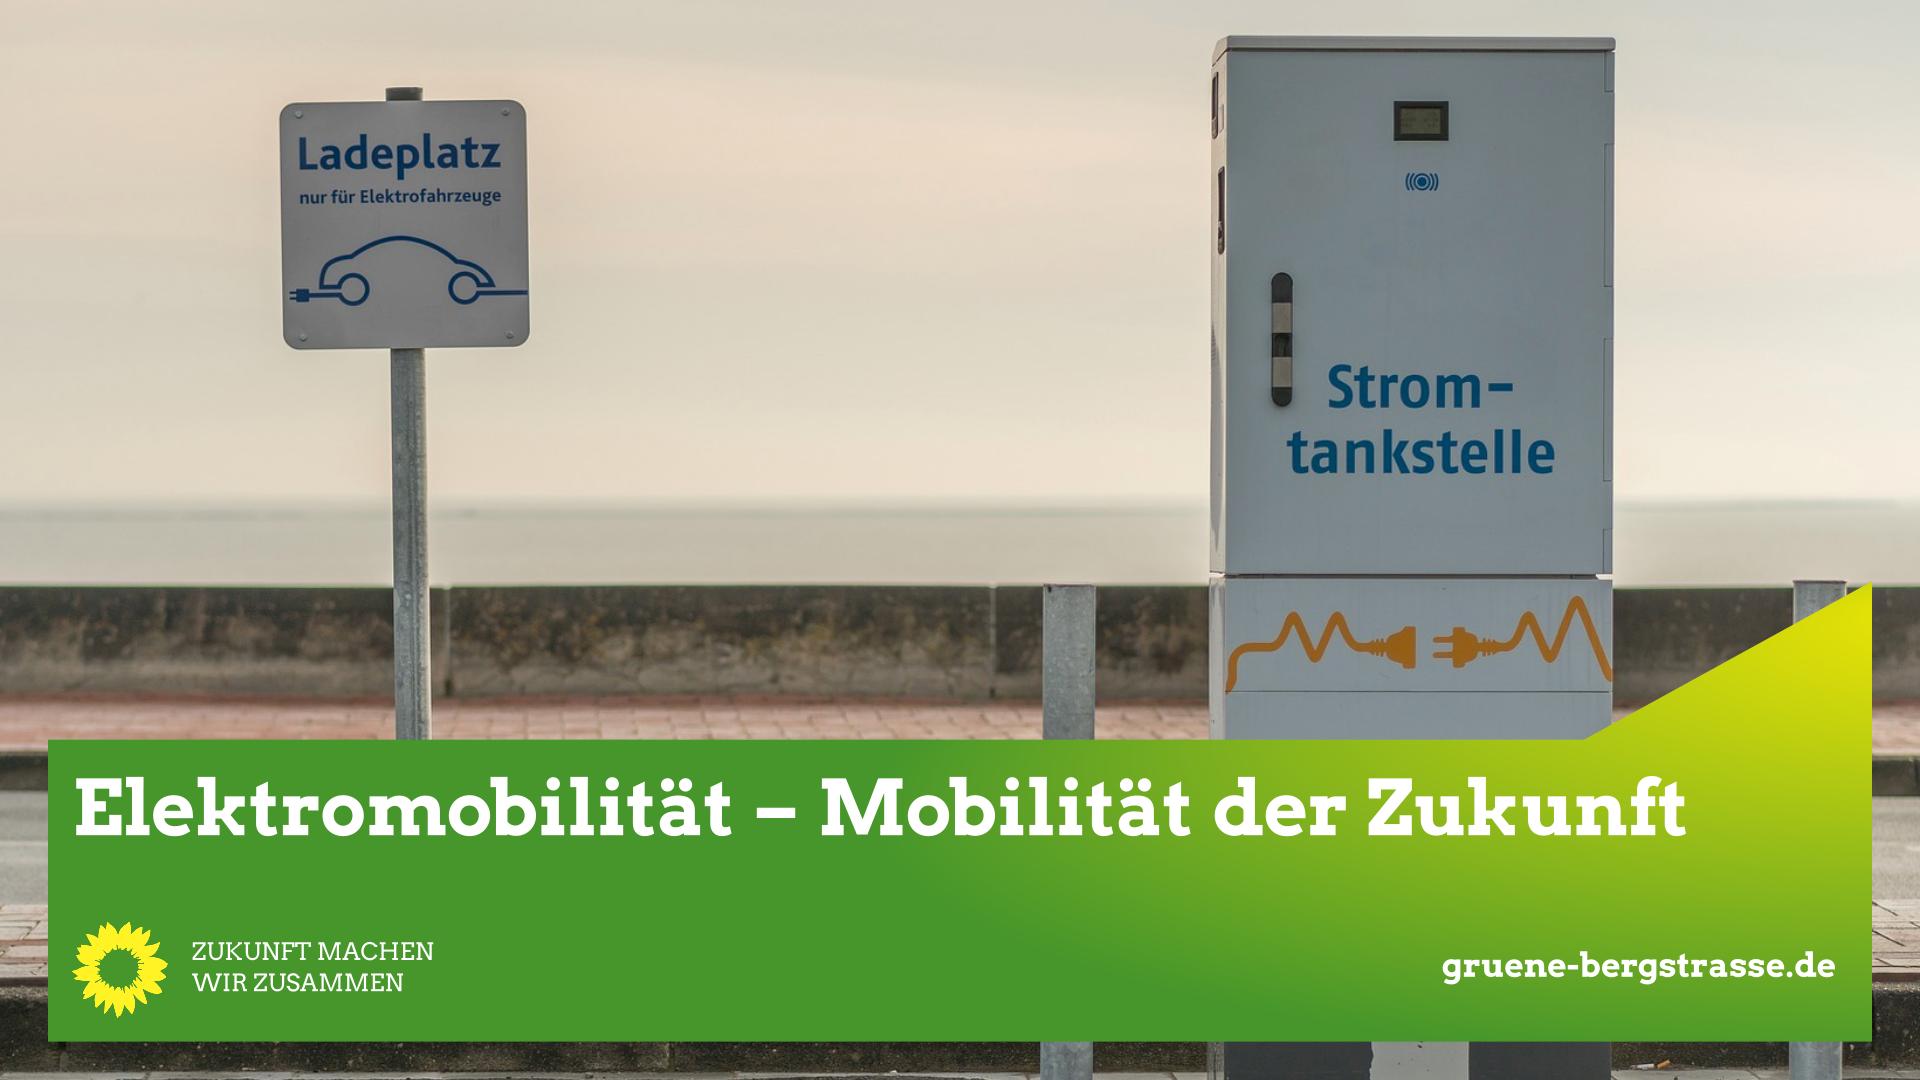 Mobilität der Zukunft – grüner Strom macht's möglich